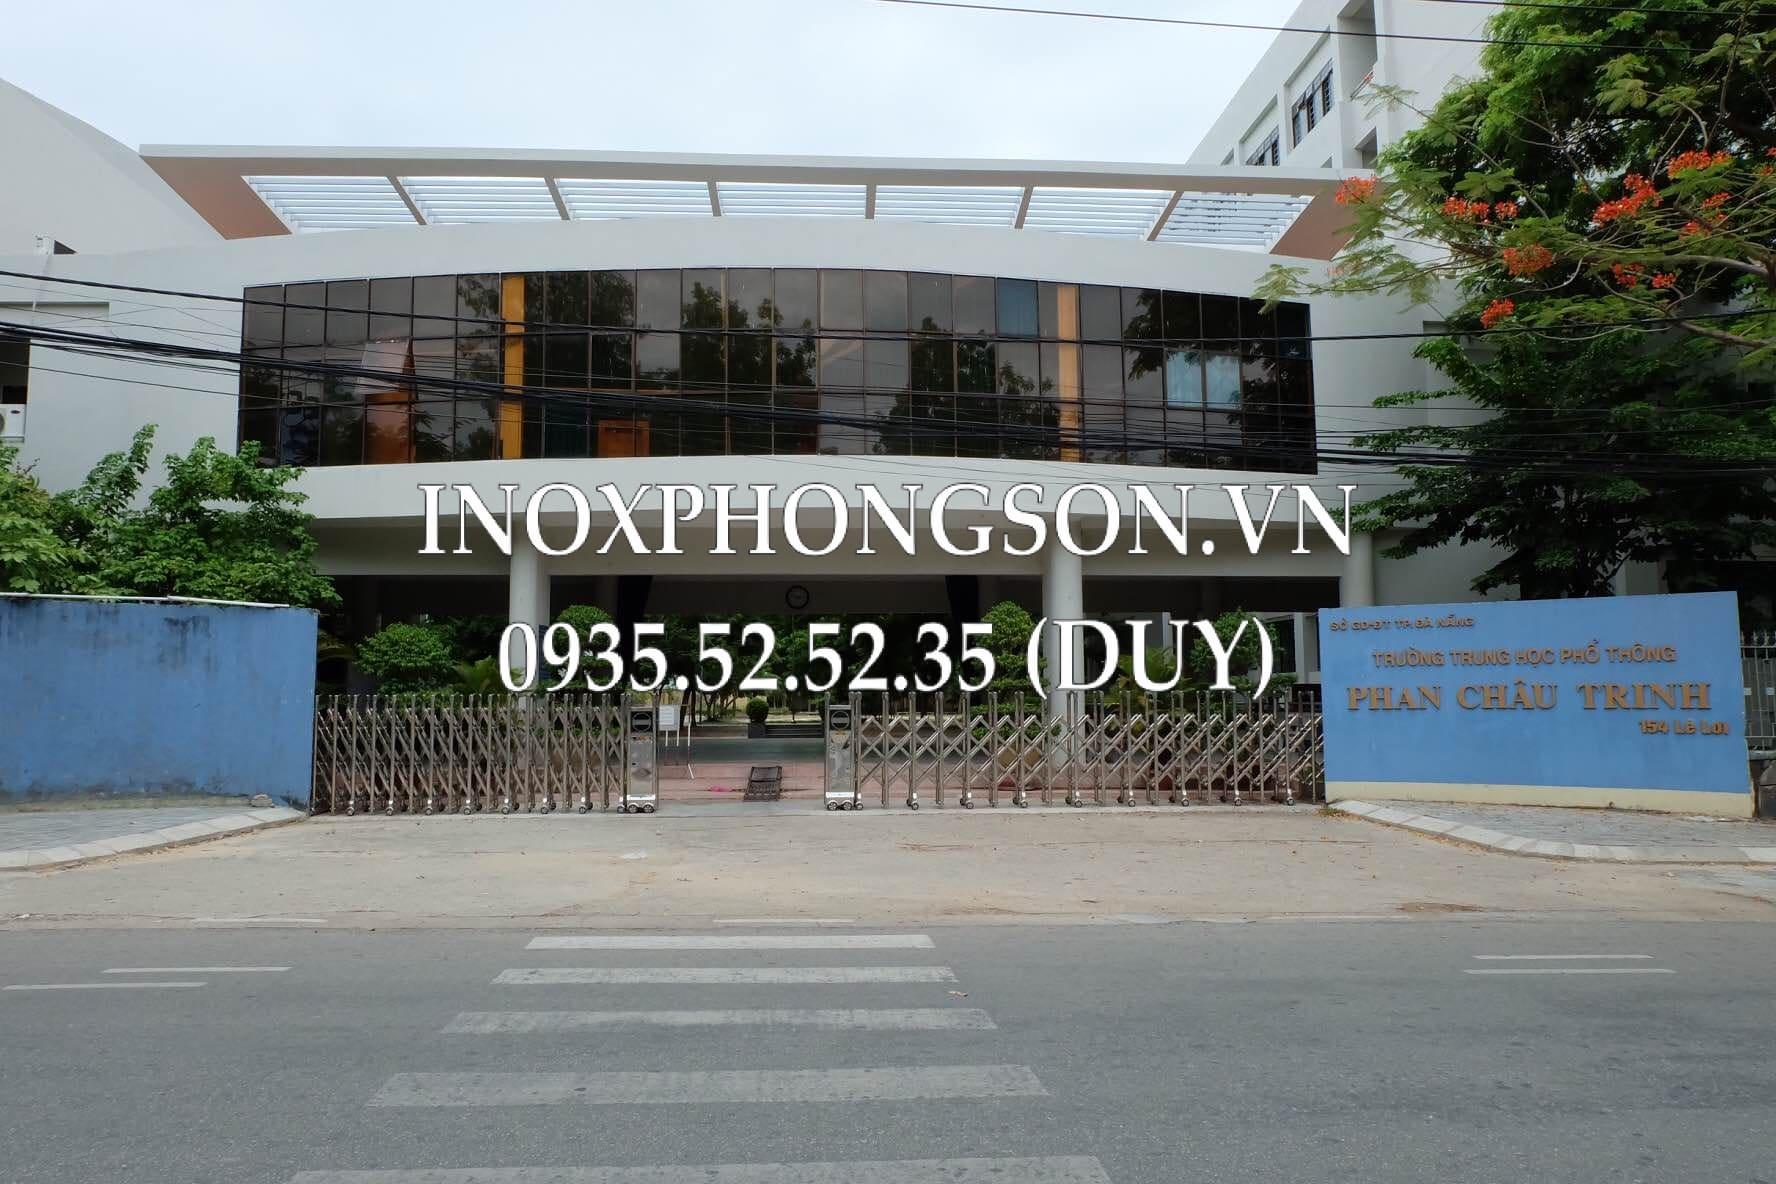 Cổng Xếp Inox 304 tại Trường THPT Phan Châu Trinh - Đà Nẵng